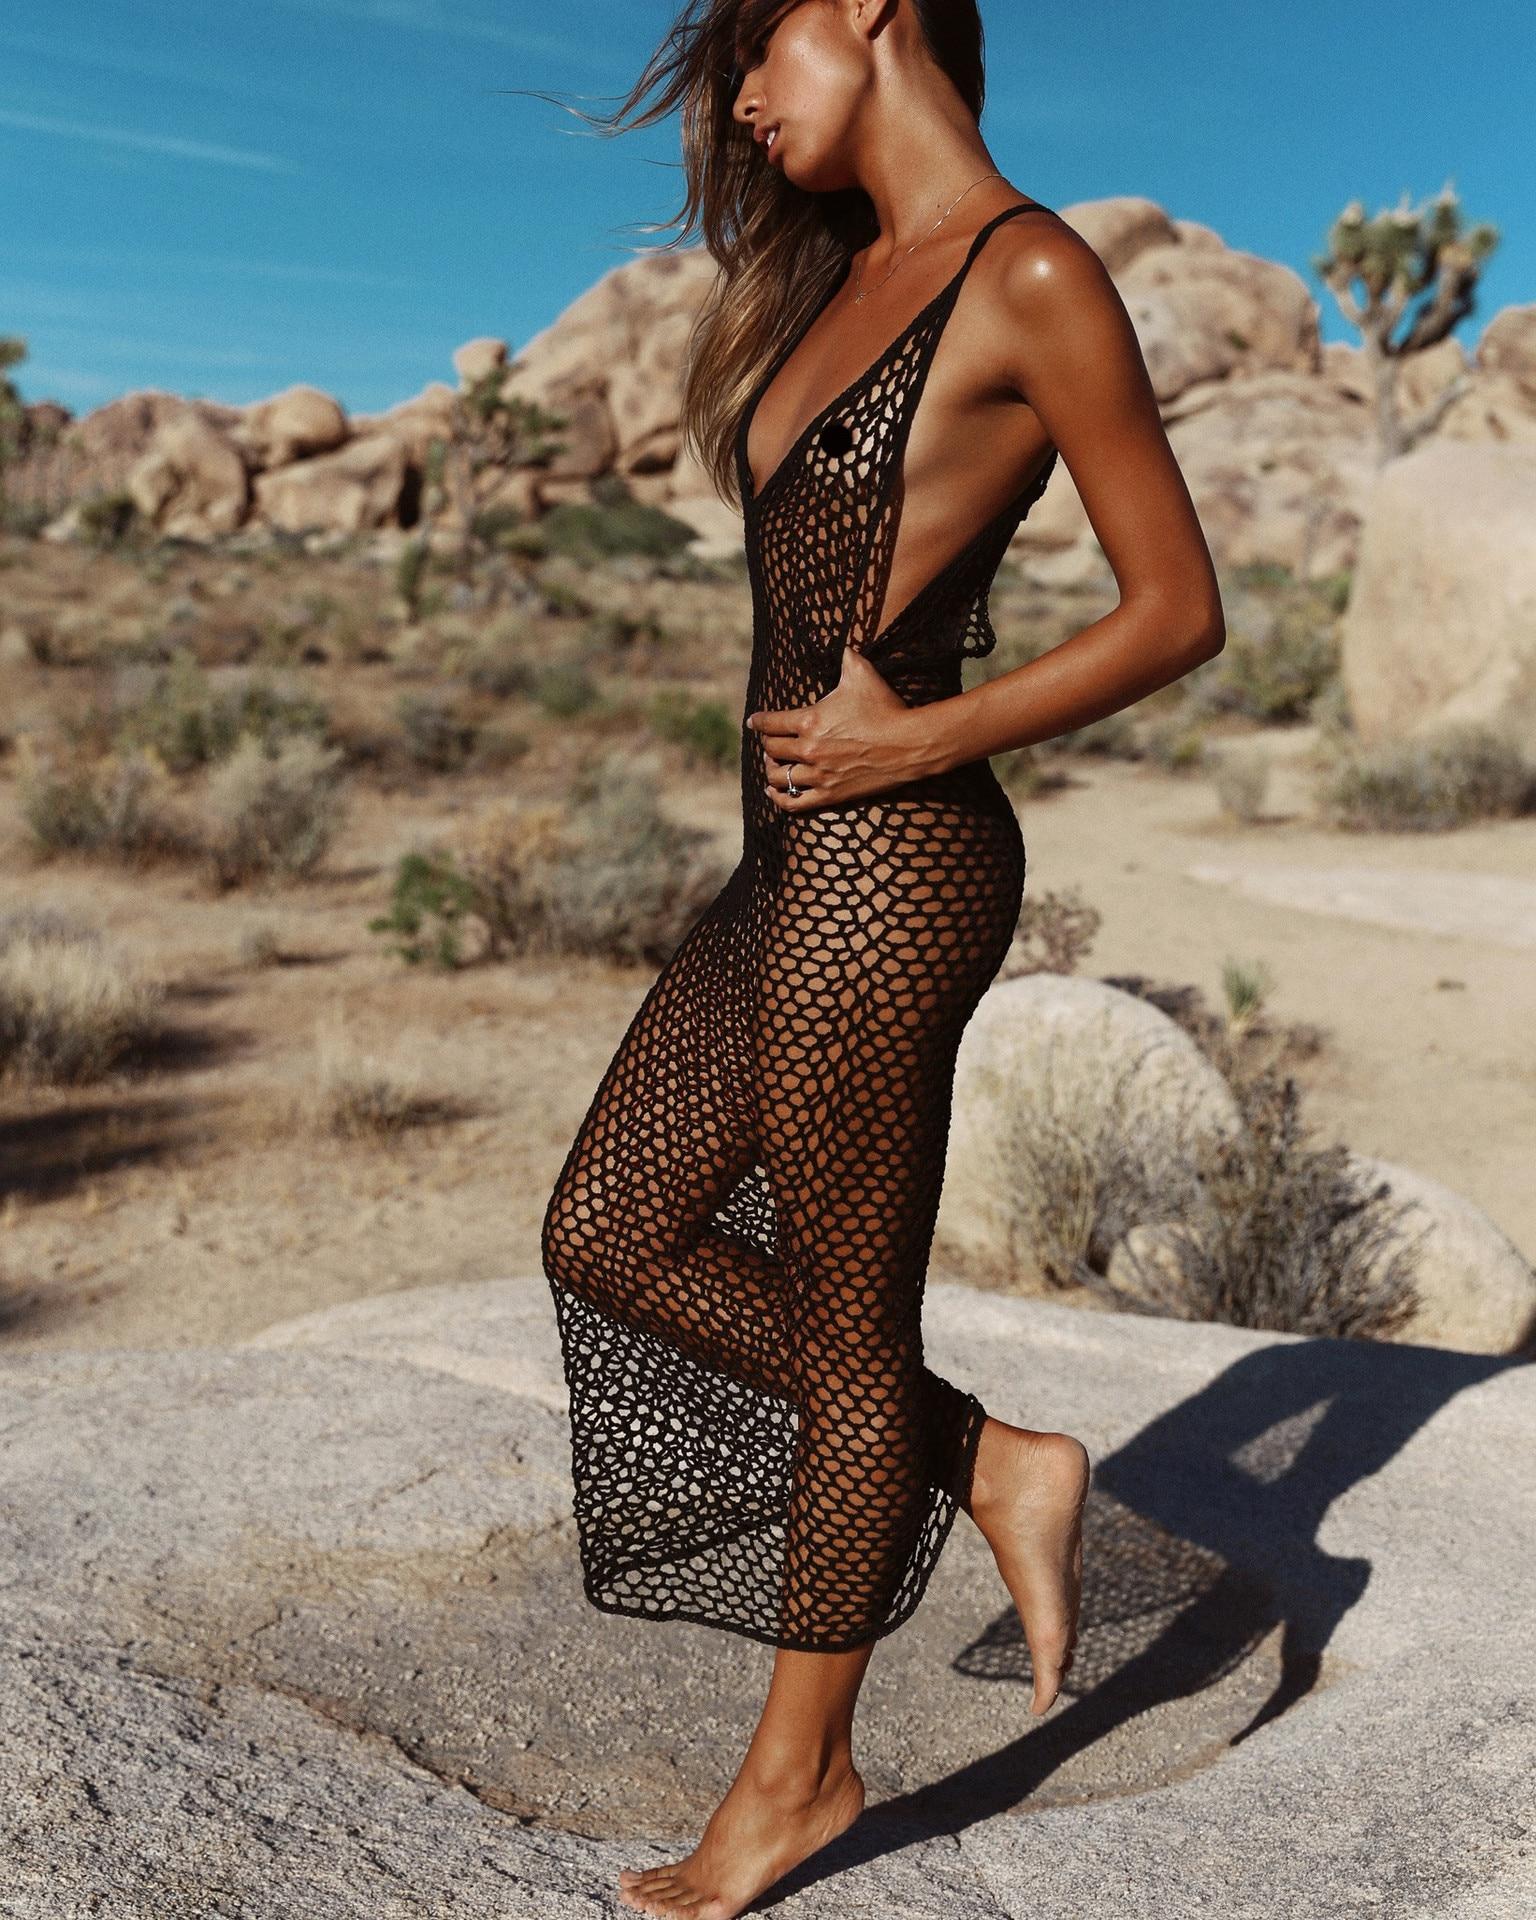 Noir Robe Plage Bikini Caftan Robe De Plage 2019 Femmes Robe d'été Maillot De Bain Cover Up Jupe De Plage Coverup Maillot De Bain